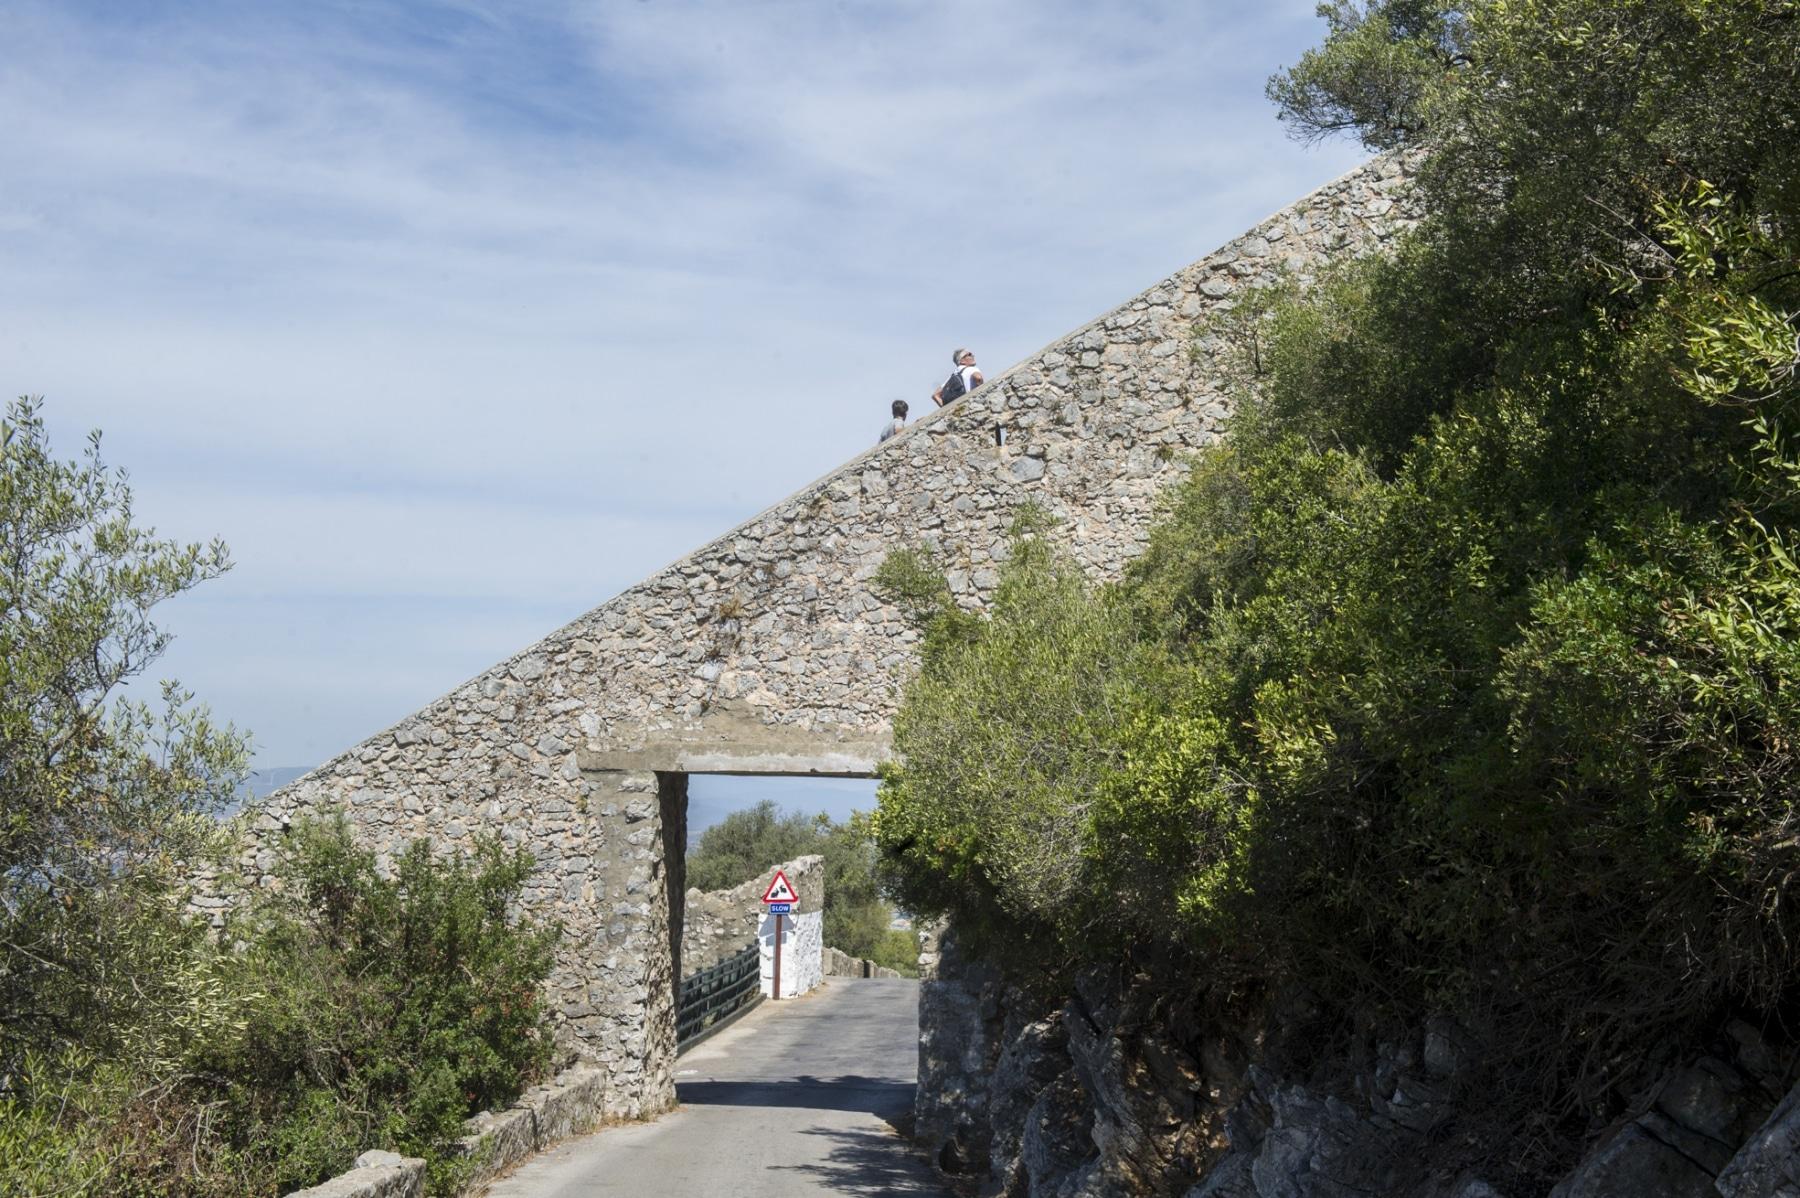 los-escalones-del-mediterrneo-suben-desde-la-ciudad-a-lo-ms-alto-del-pen-de-gibraltar_22739694735_o